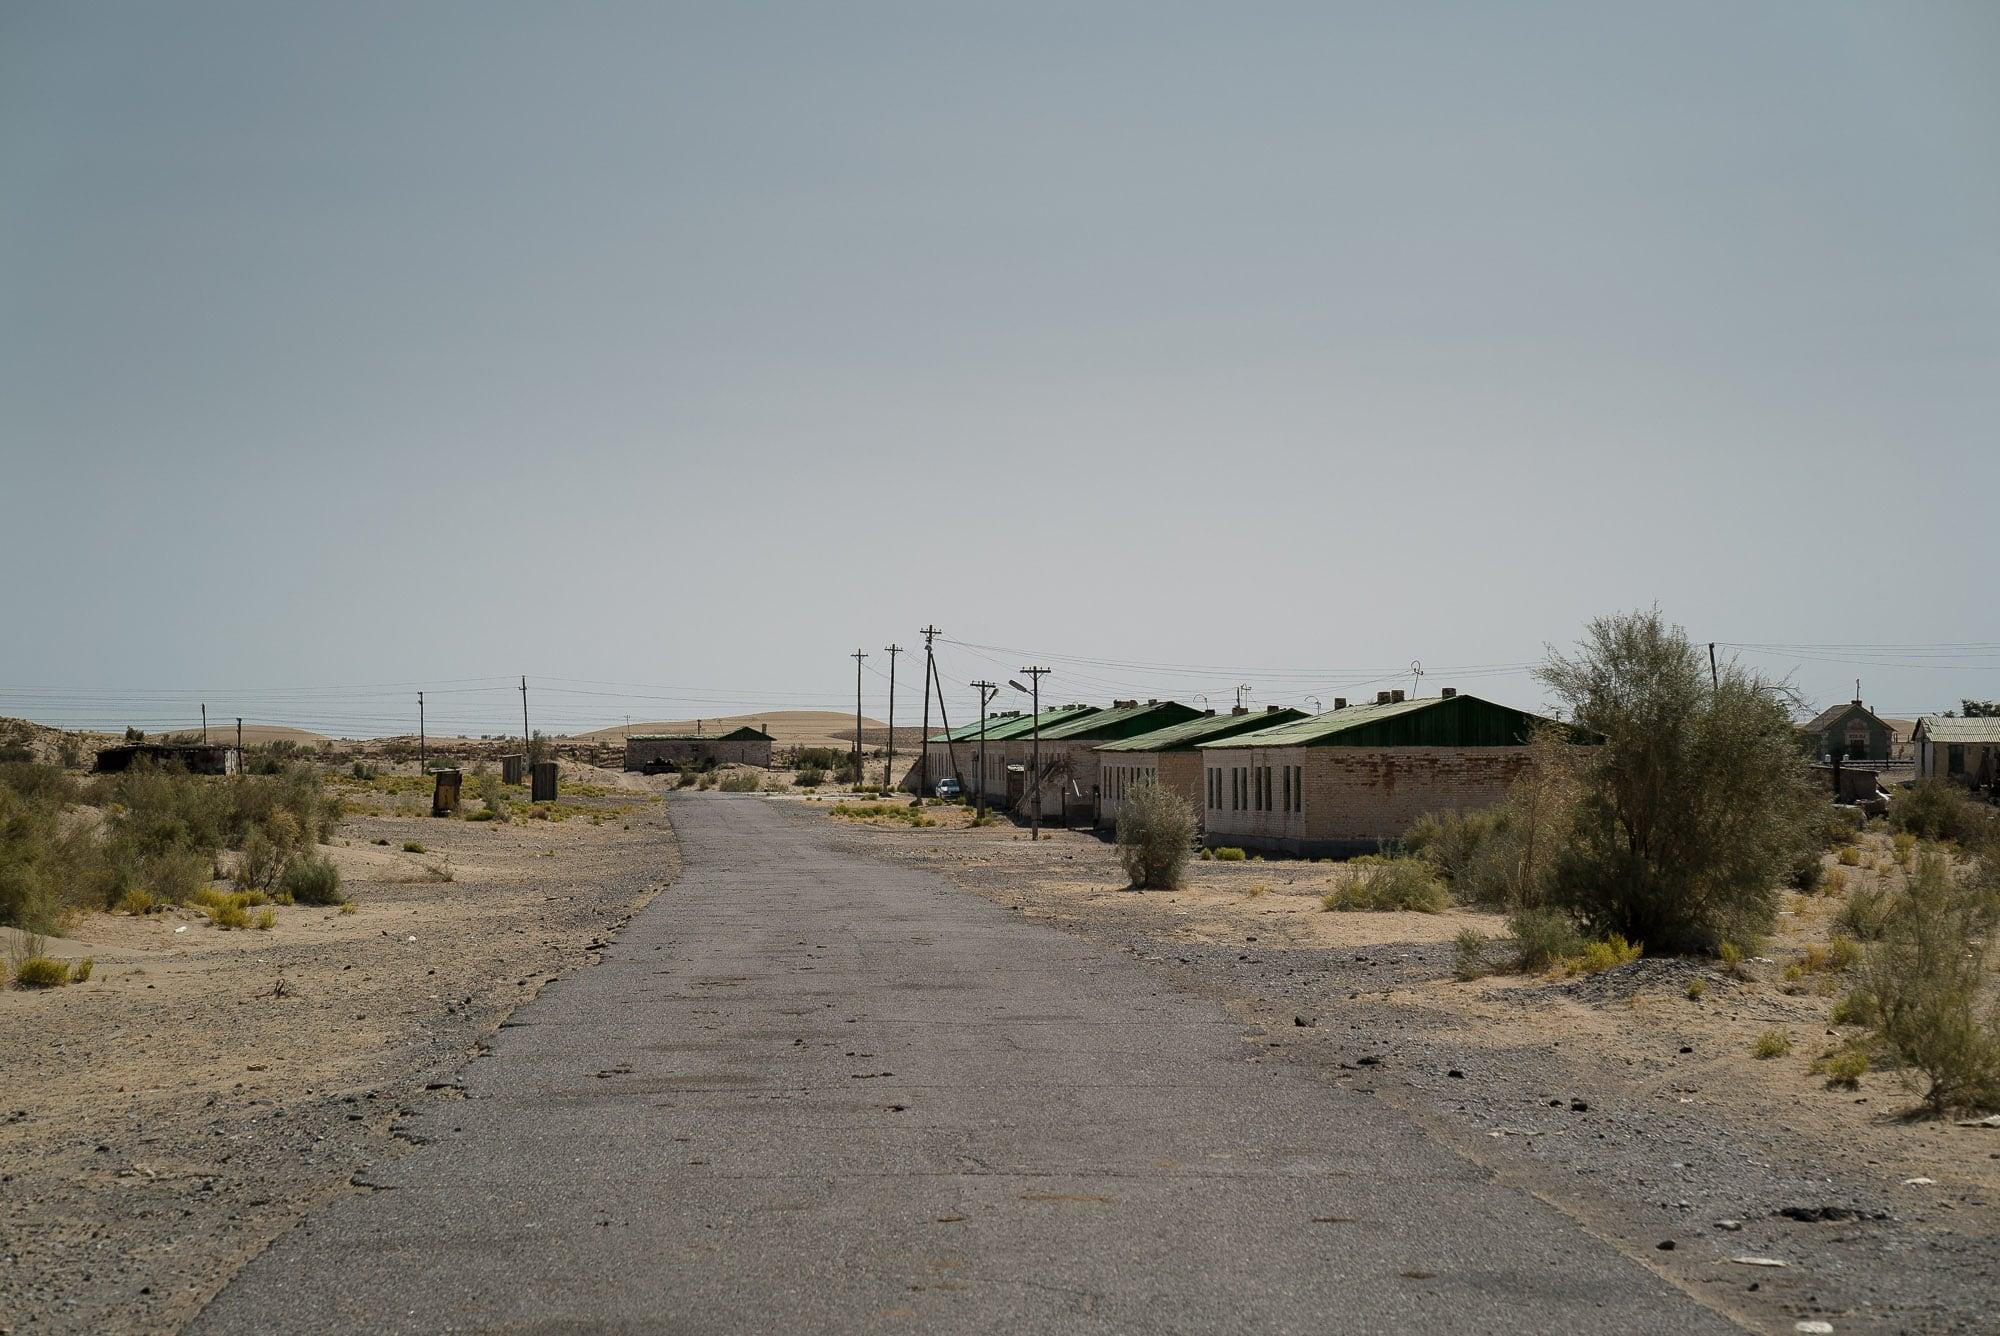 settlement in the Turkmen desert